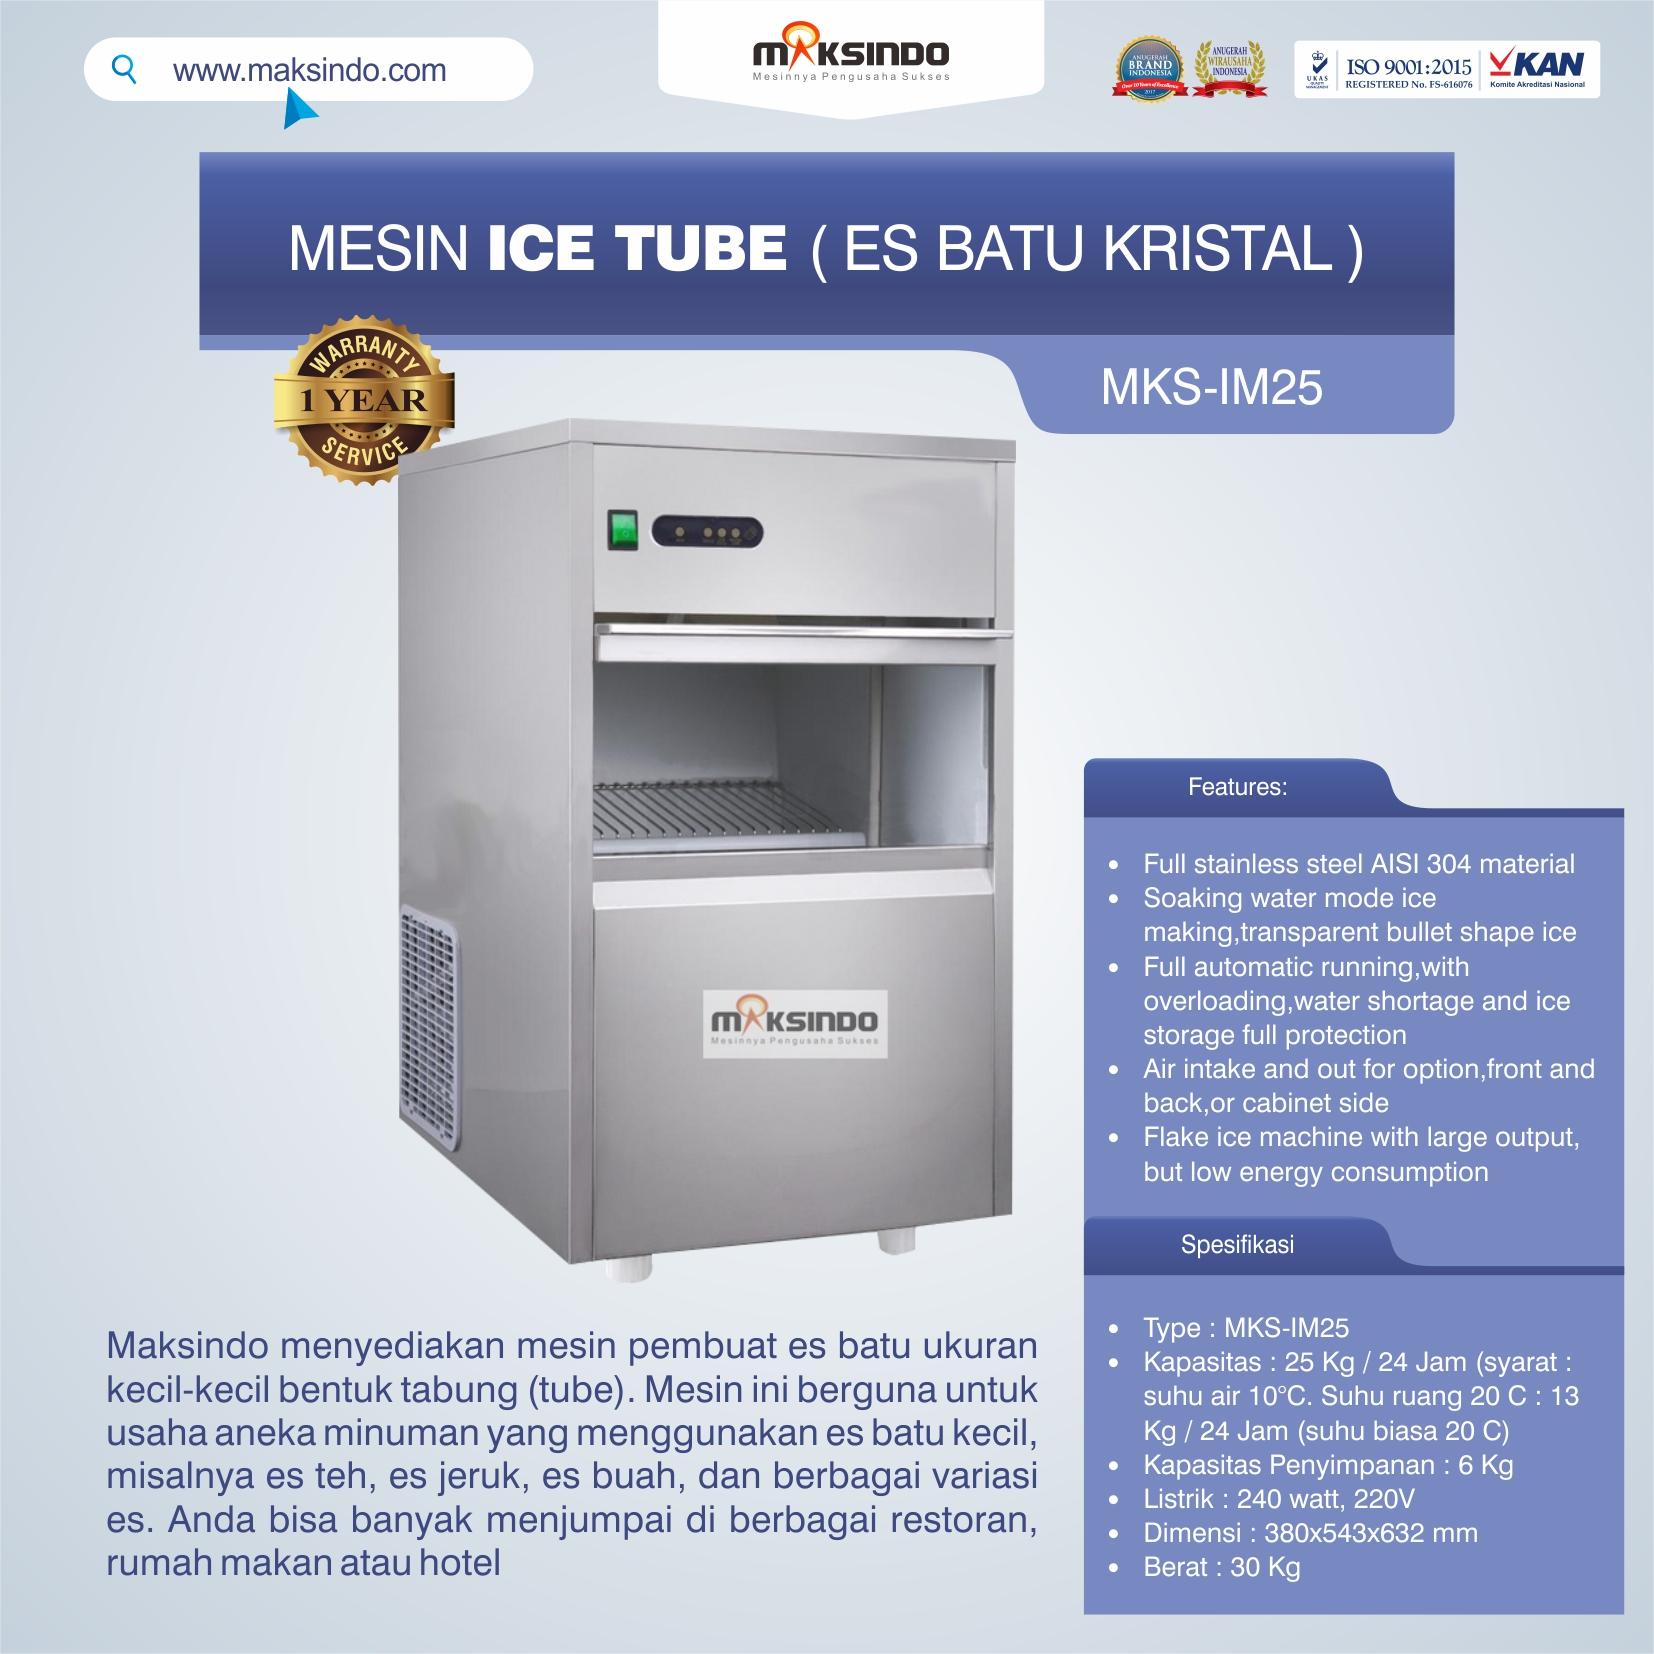 Jual Mesin Tube Ice di Bogor